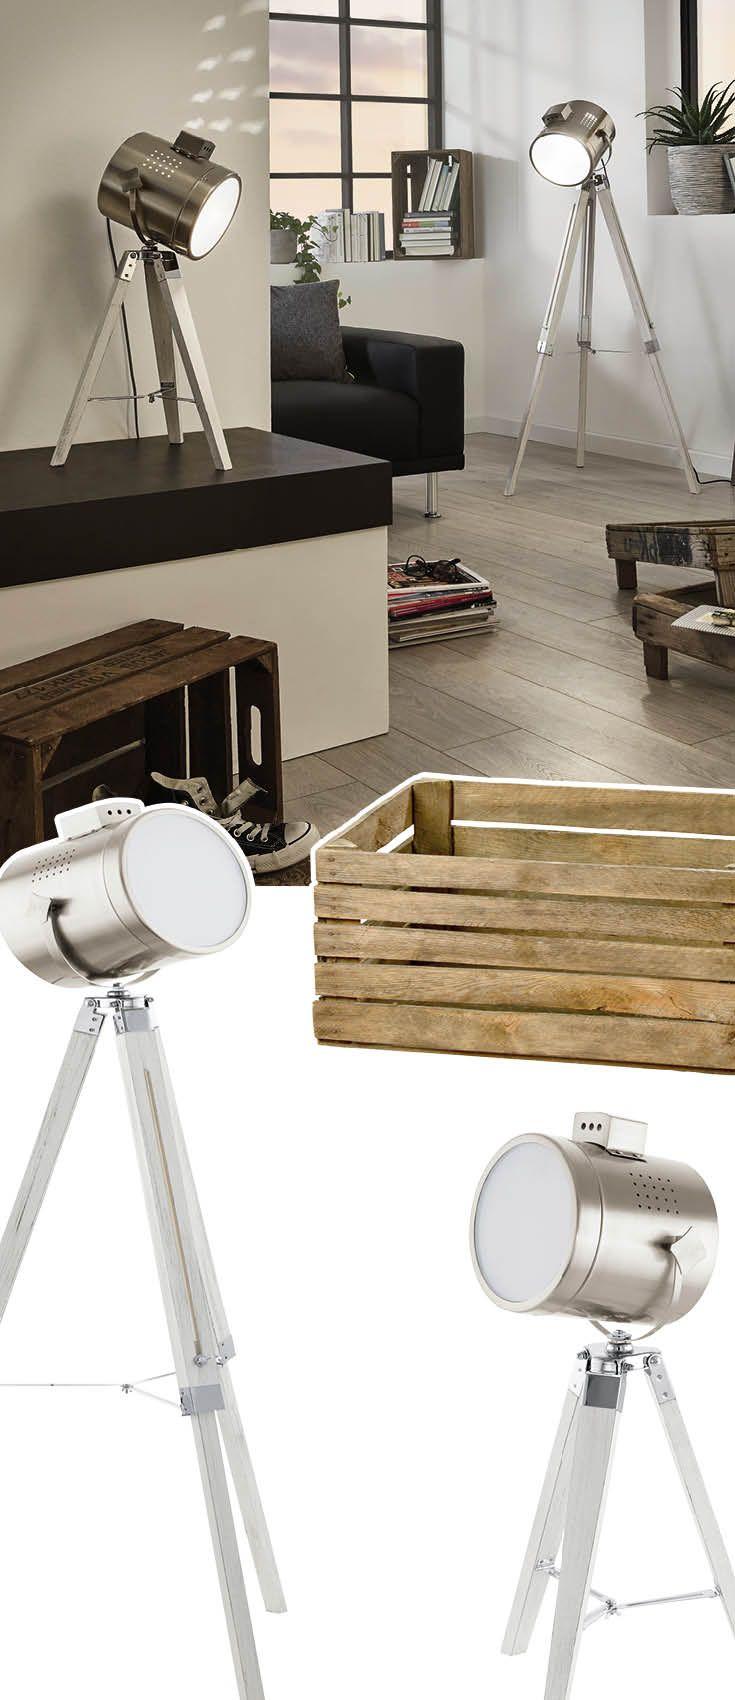 Great Tischlampe und Stehlampe aus Holz und Stahl Die silberne Lampe passt wunderbar zu einer Einrichtung